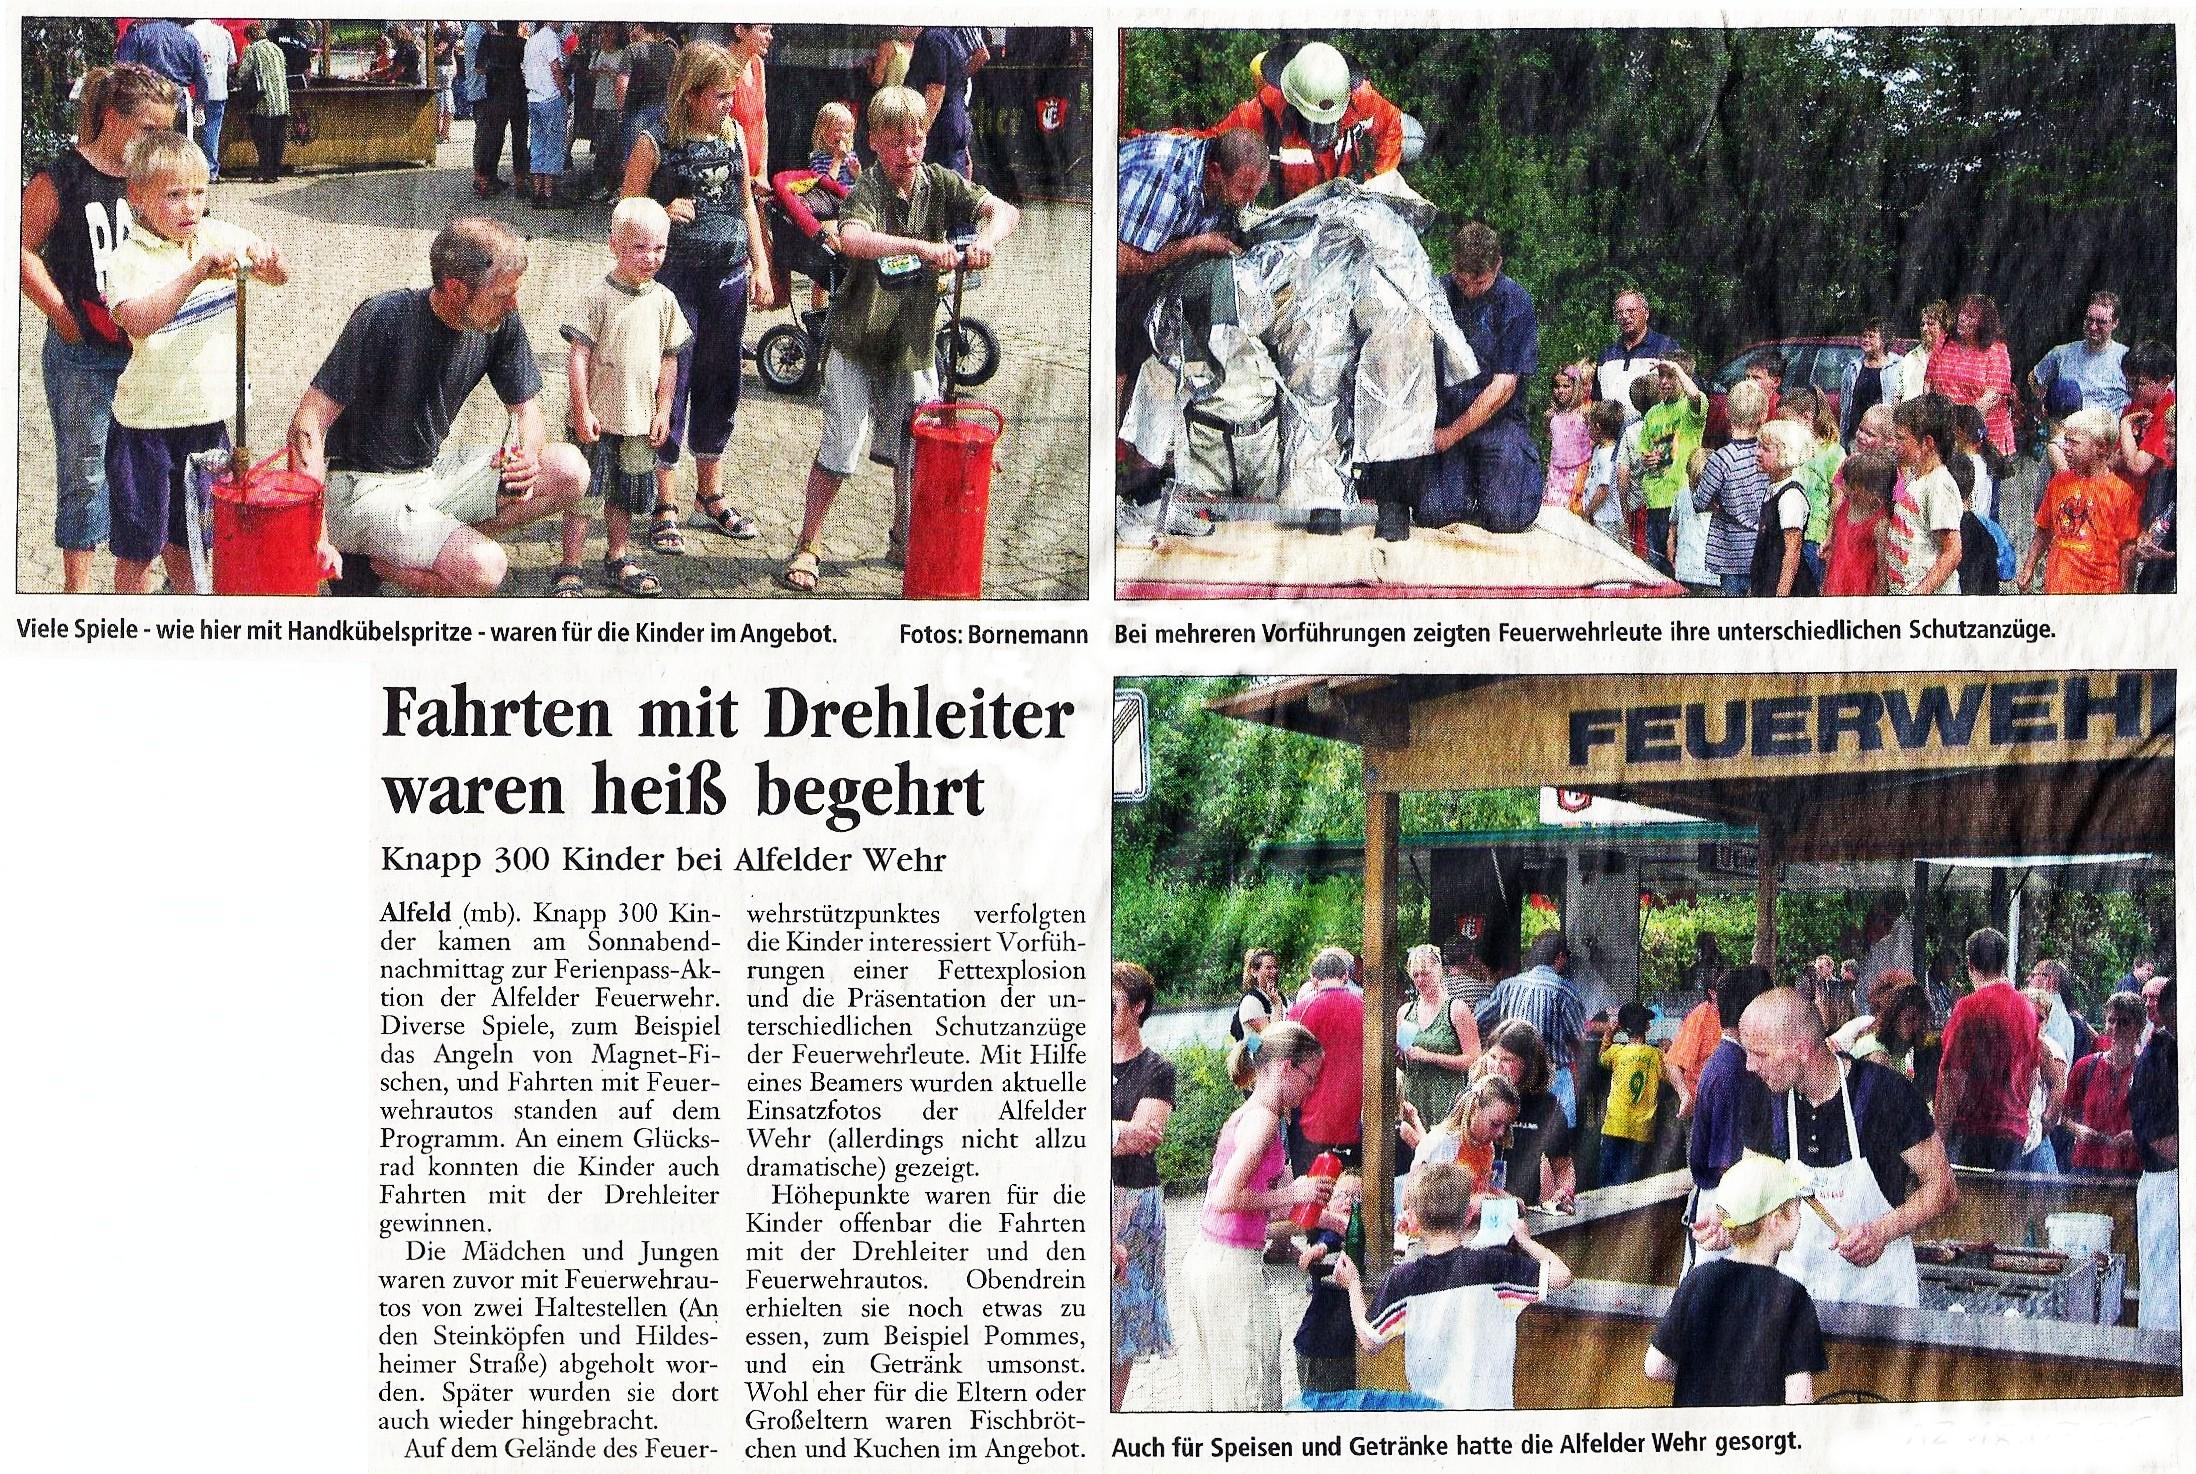 2005-07-18 Fahrten mit Drehleiter waren heiß begehrt